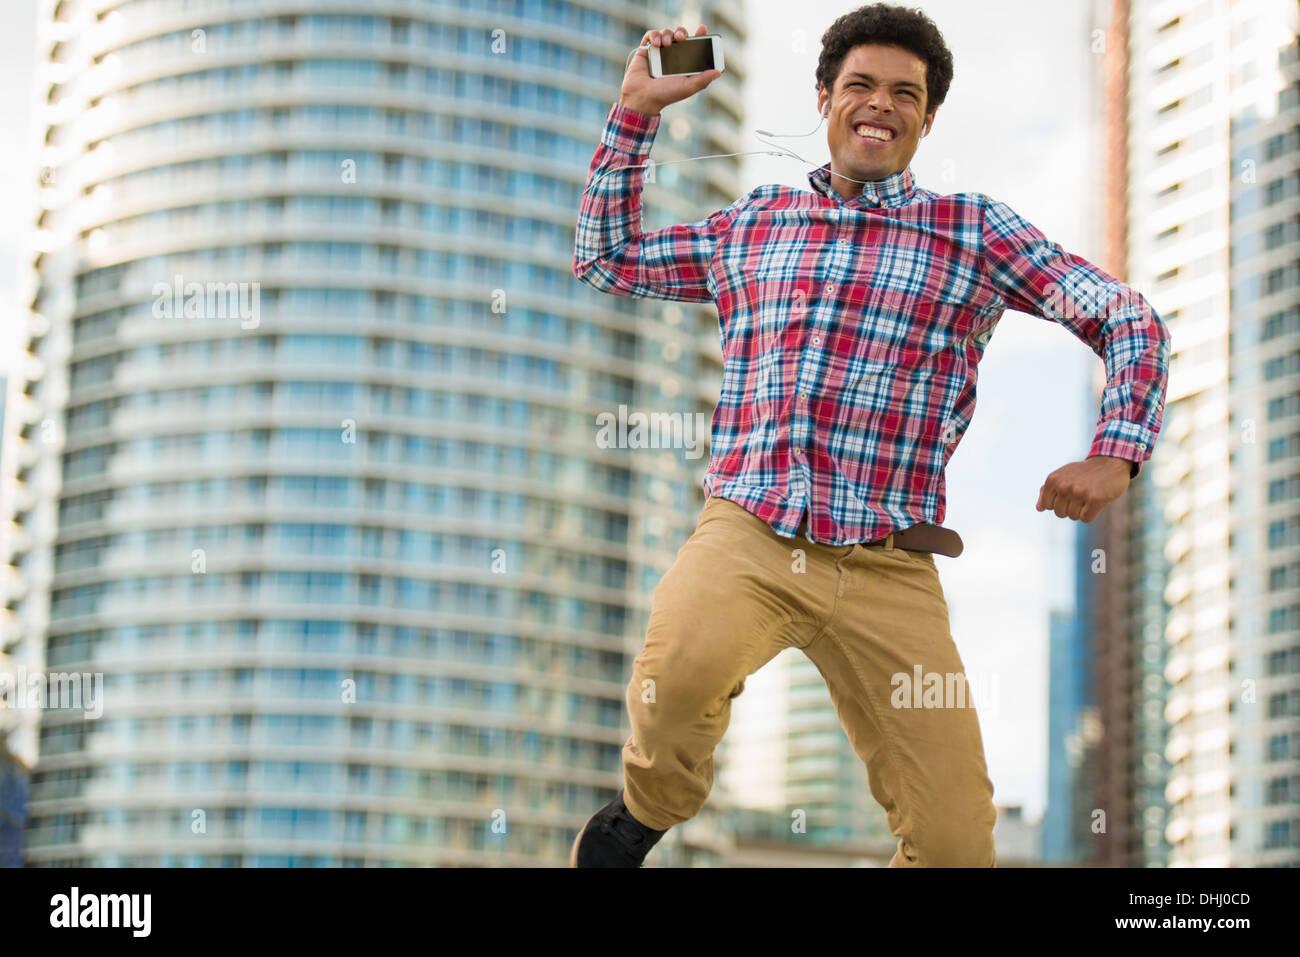 Uomo con telefono cellulare salti di gioia Immagini Stock